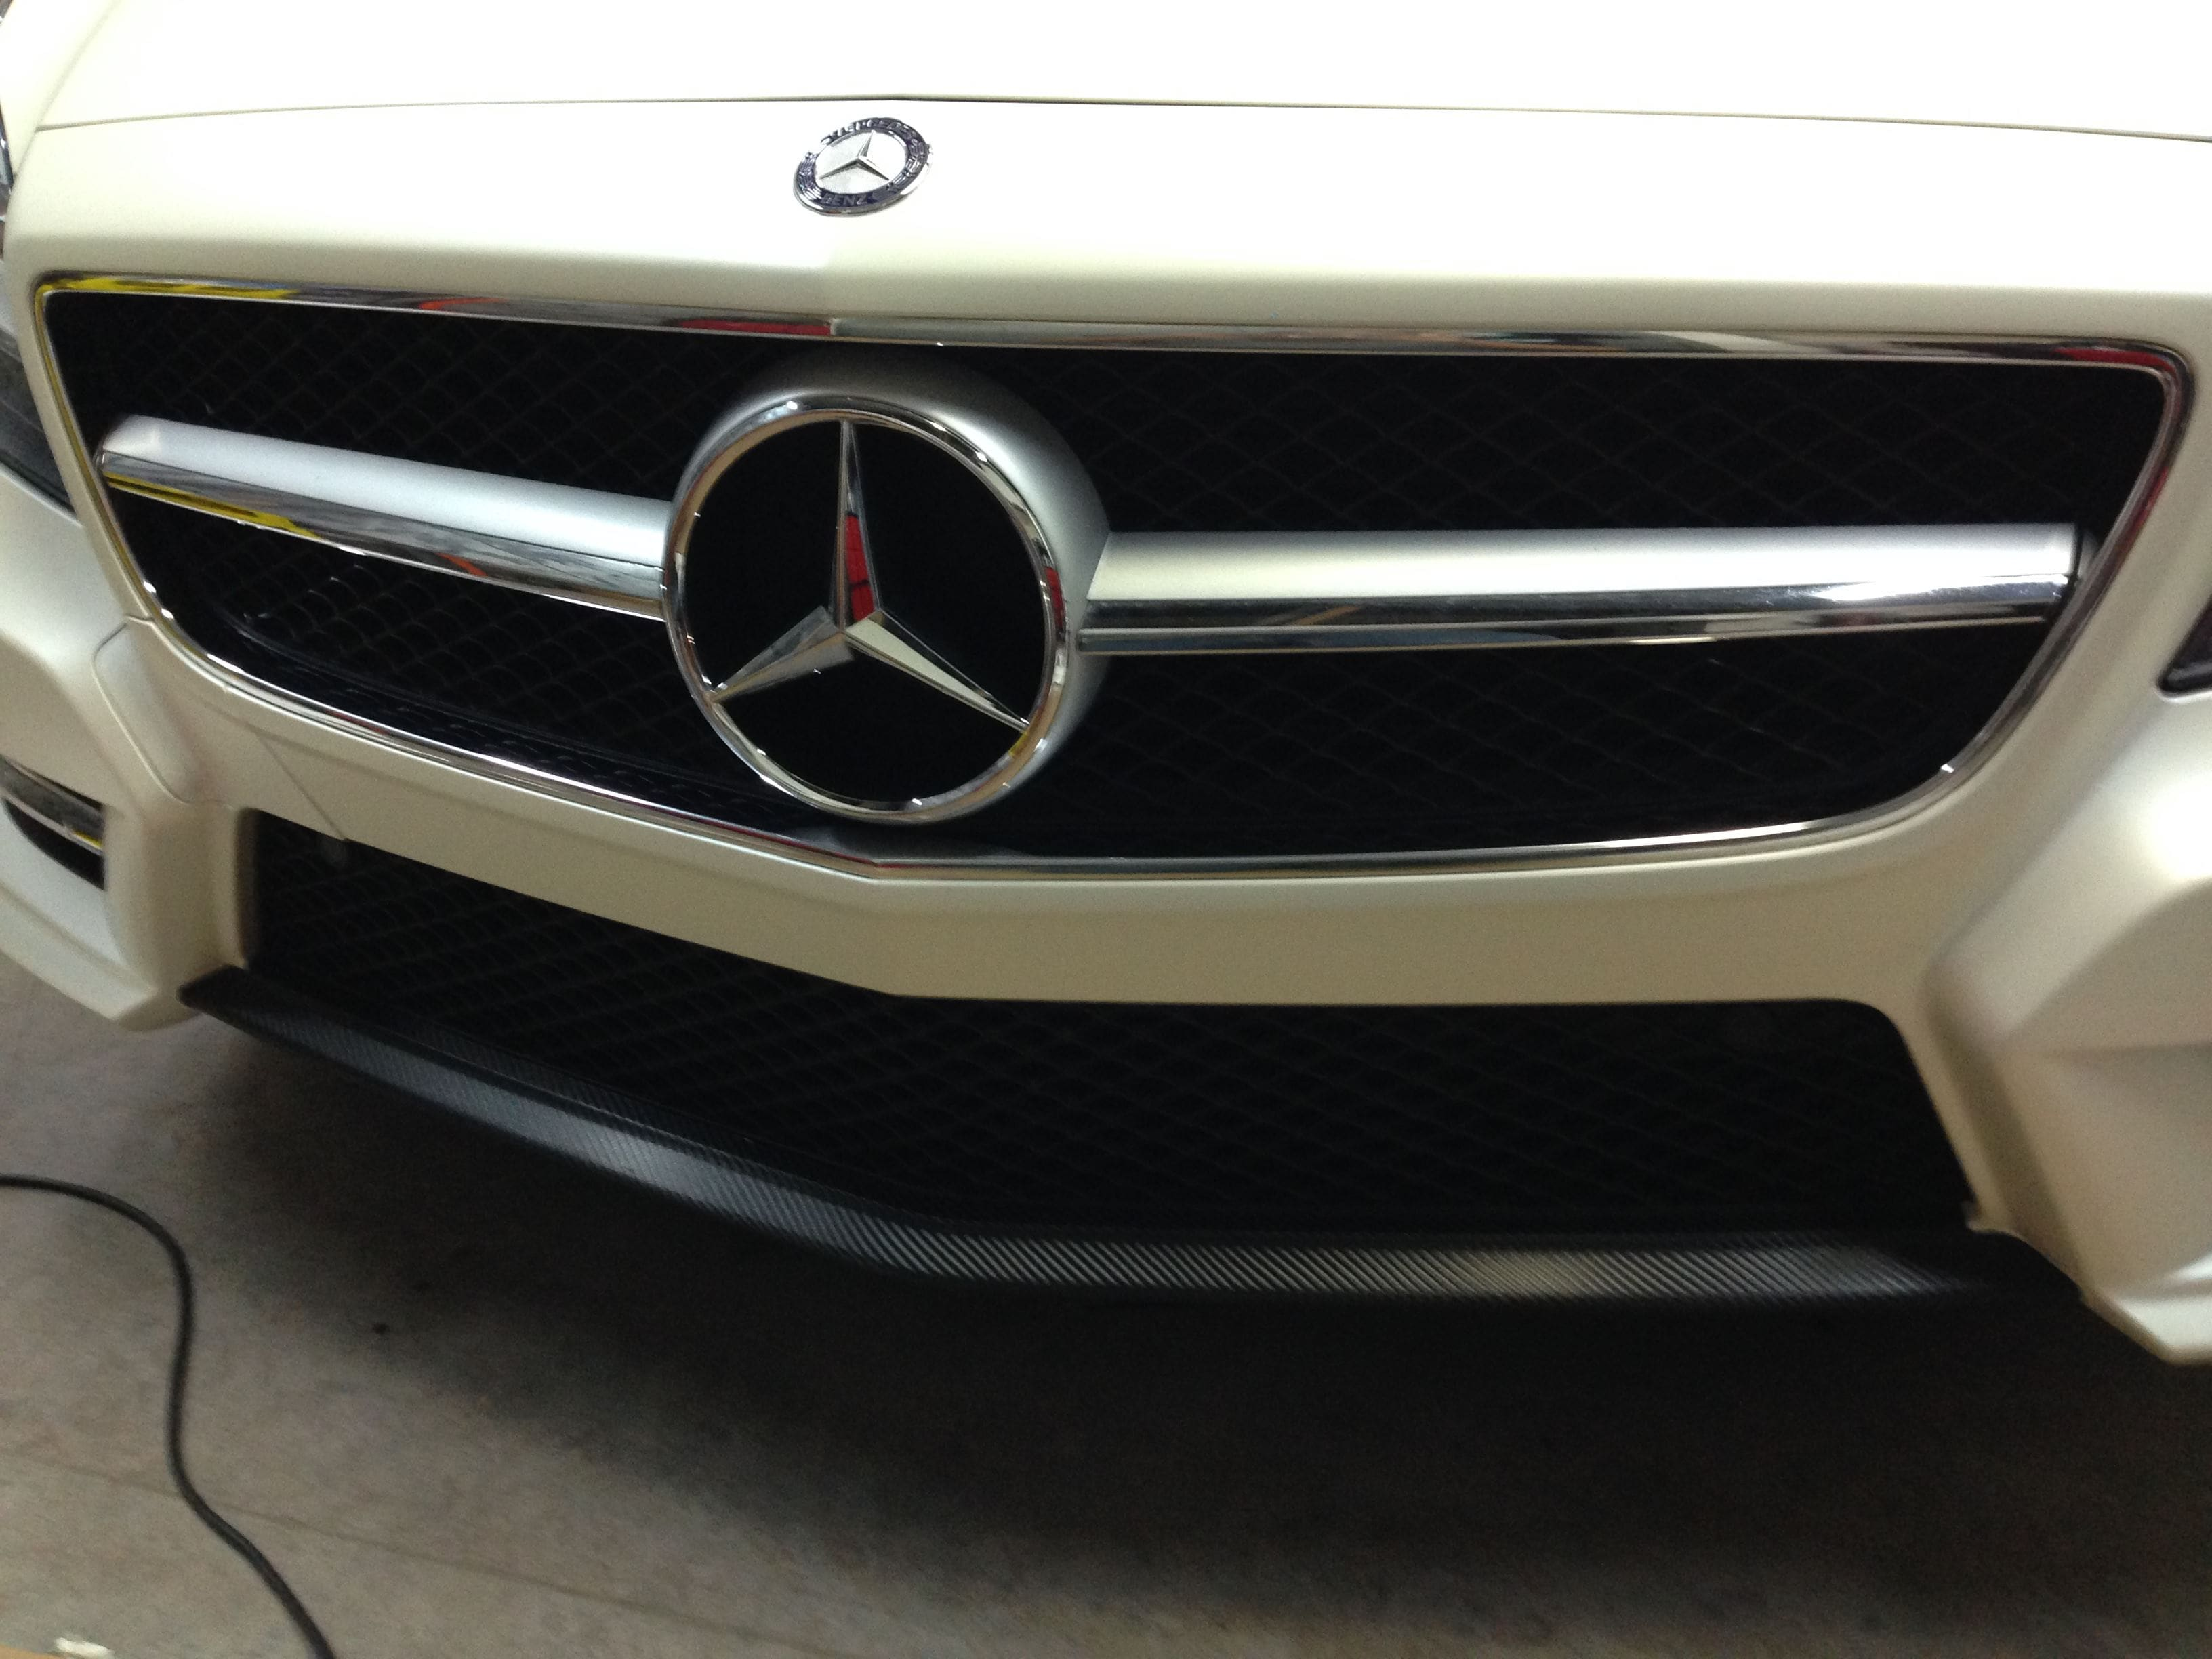 Mercedes CLS met White Satin Pearl Wrap, Carwrapping door Wrapmyride.nu Foto-nr:6196, ©2021